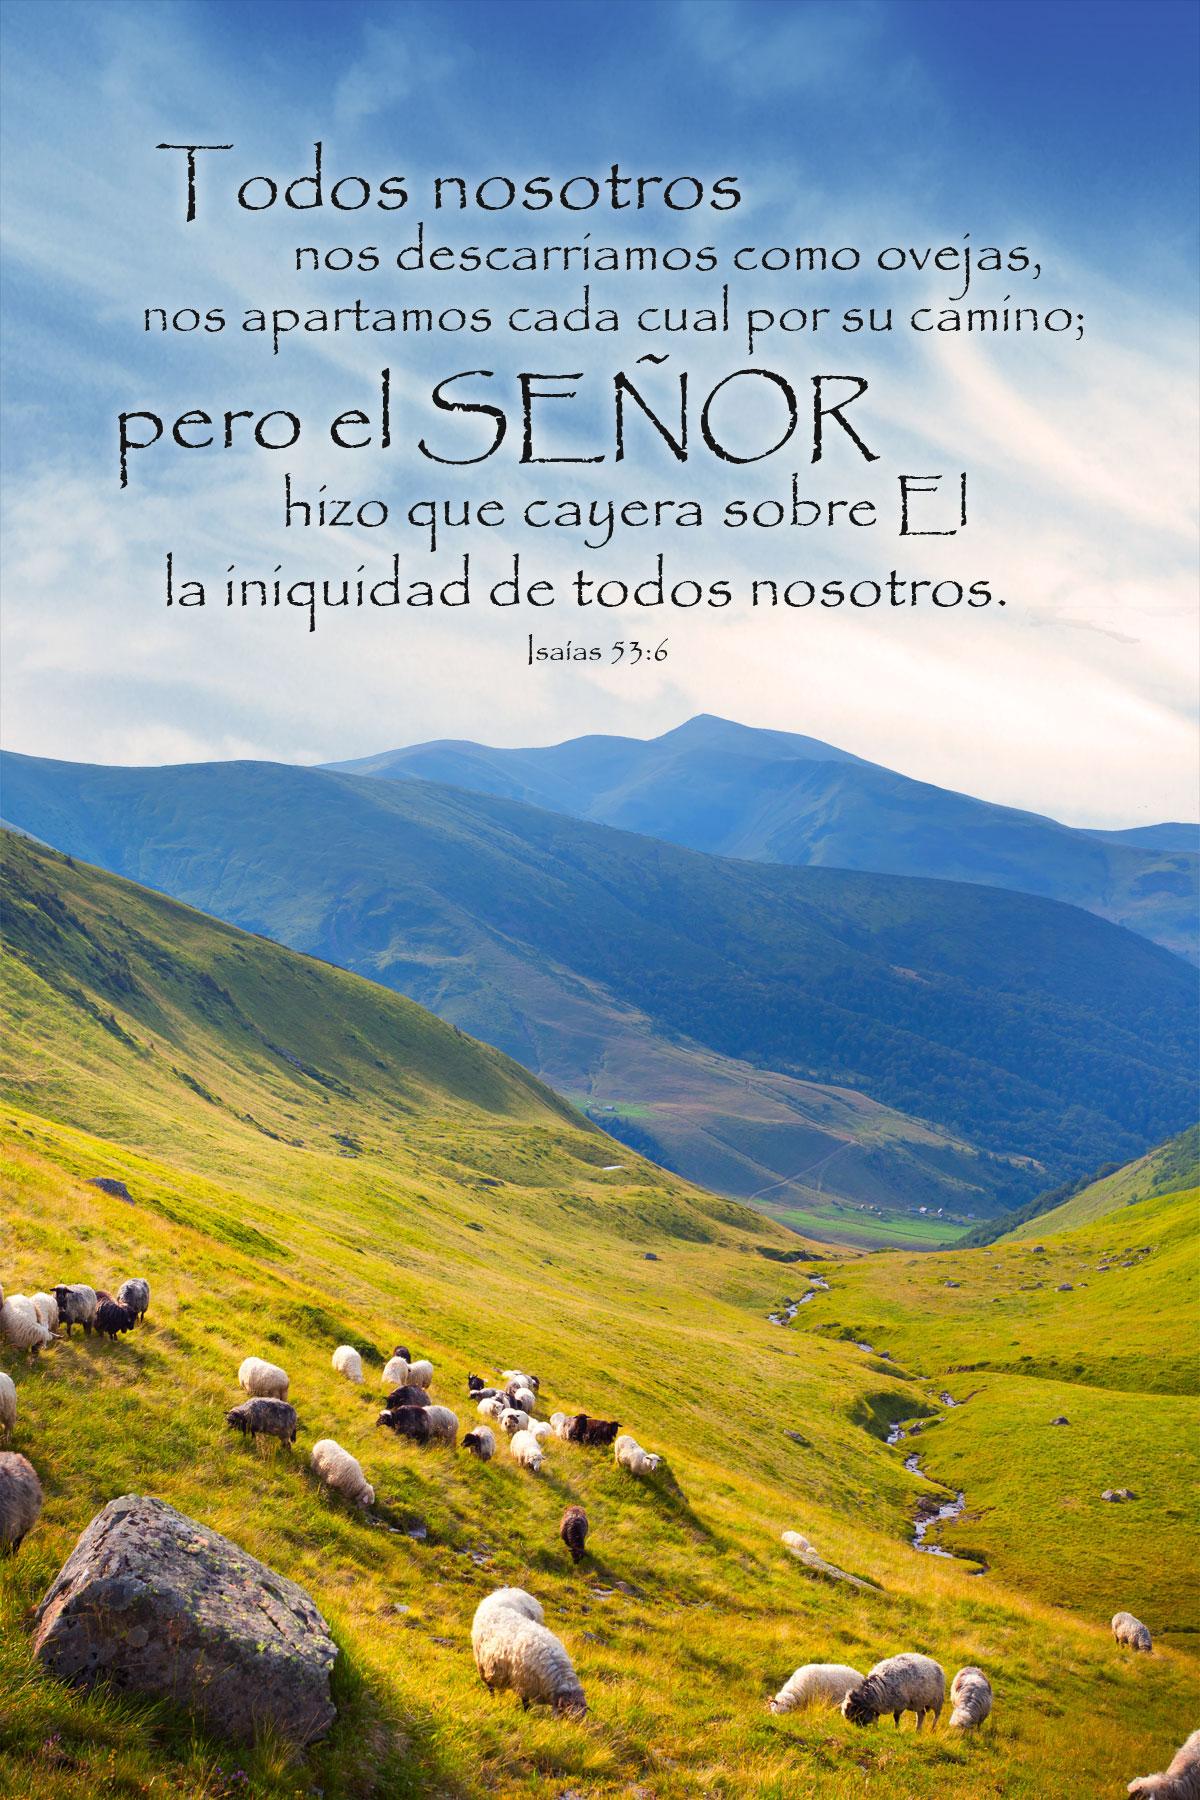 Isaías 53:6